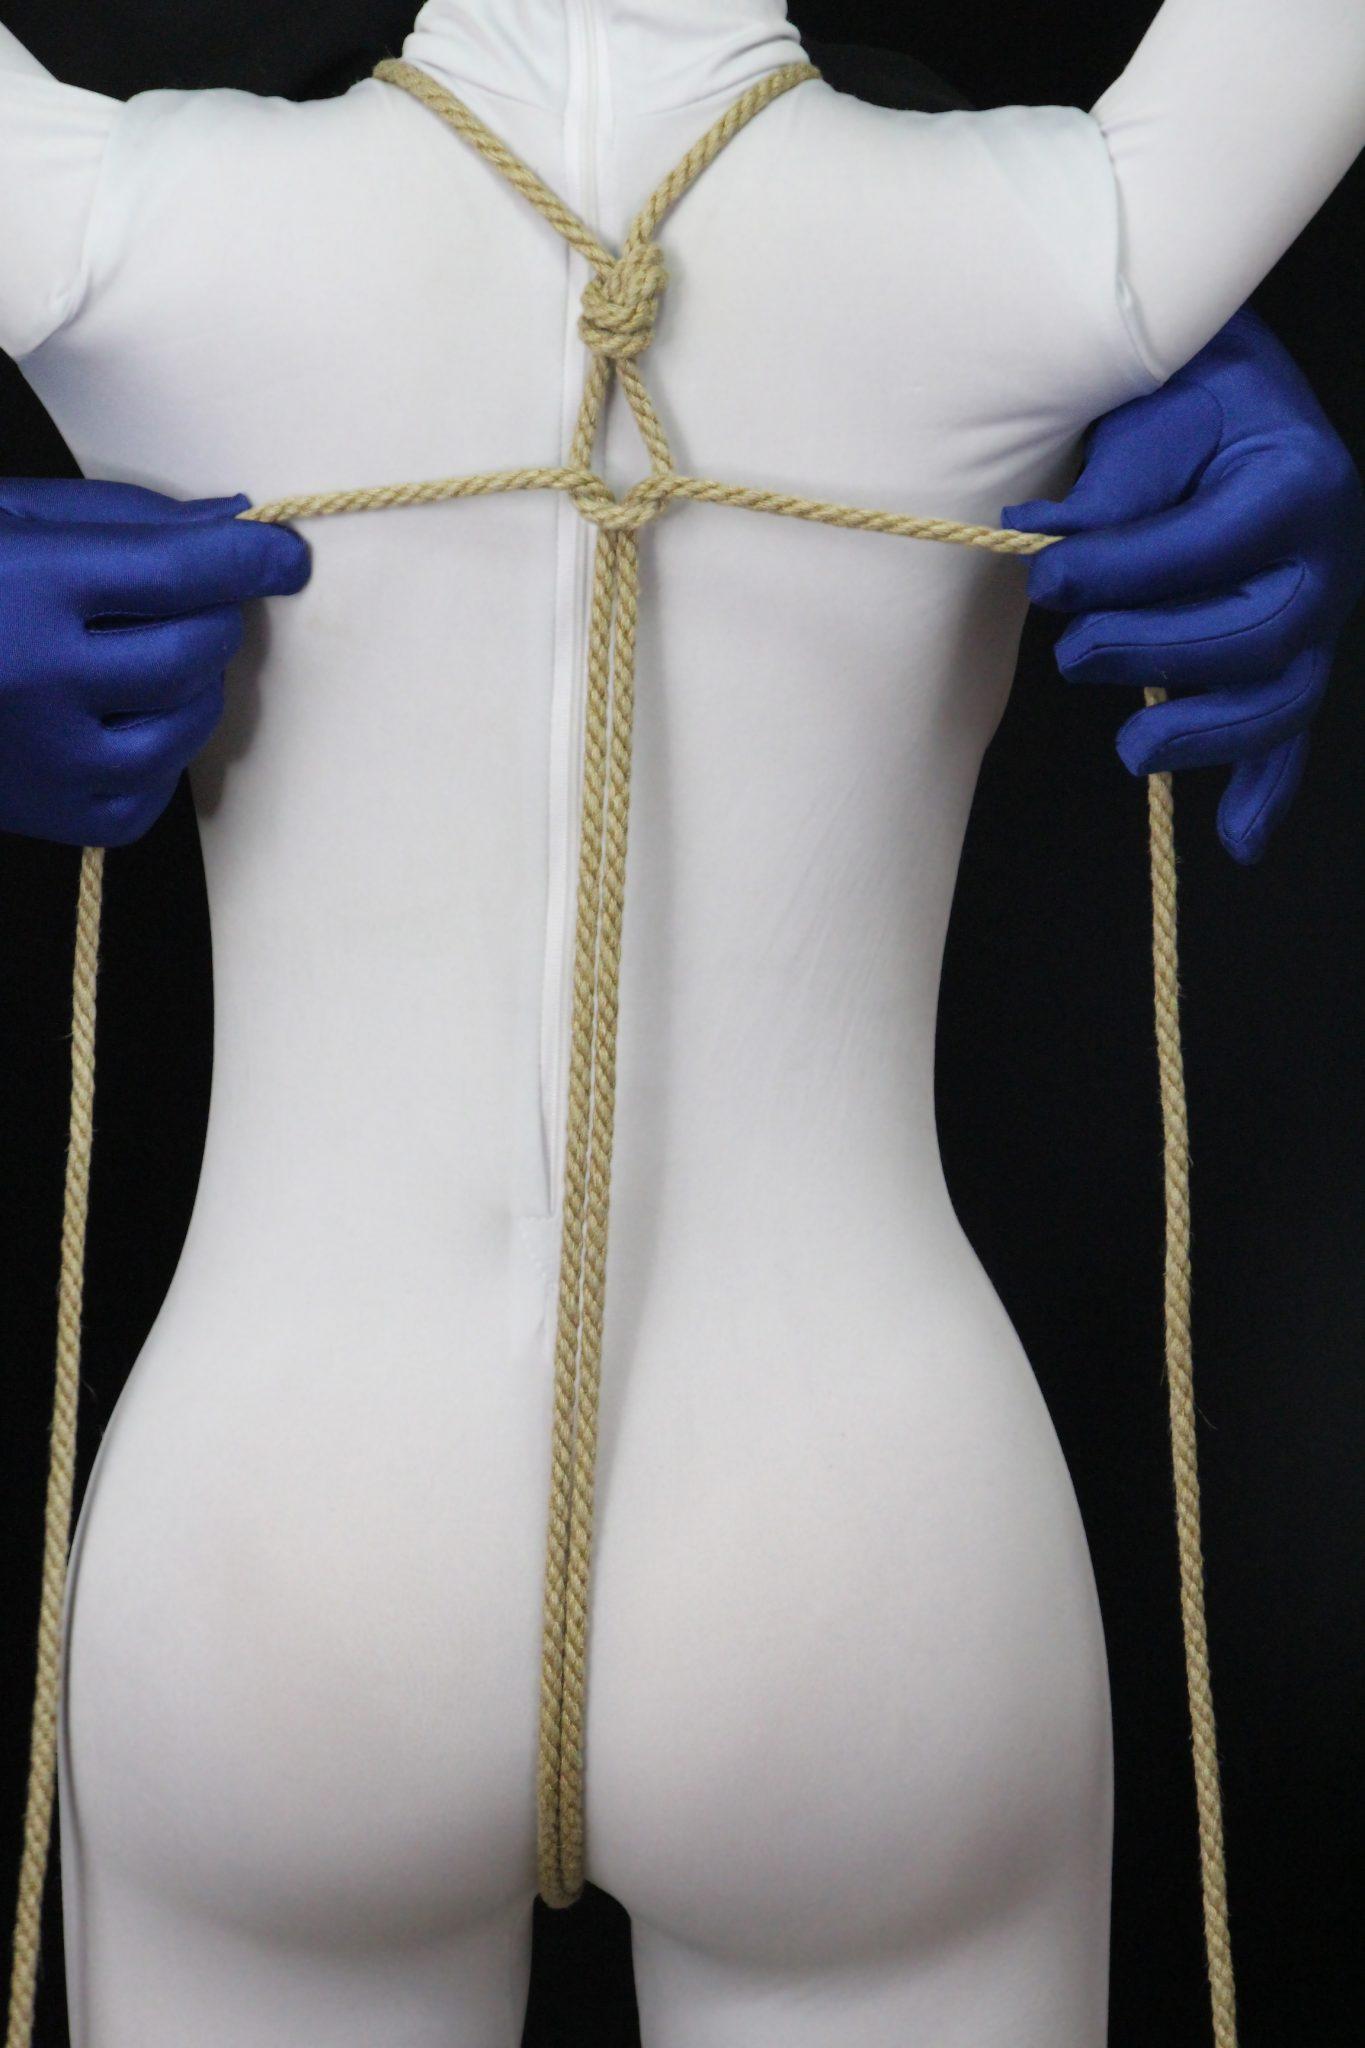 rope bondage under clothes